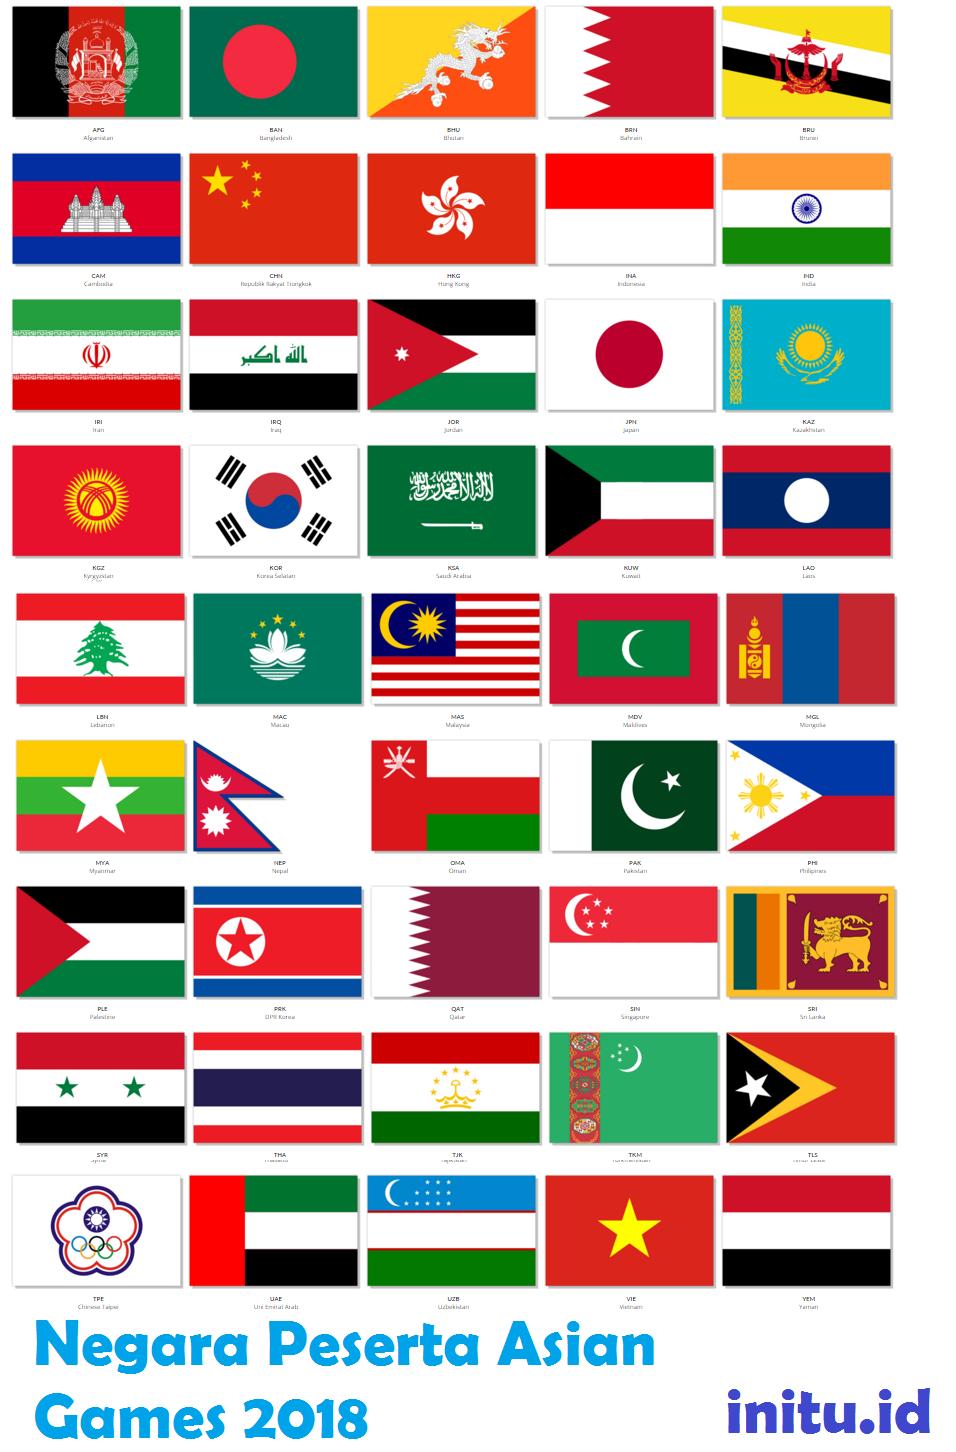 bendera negara peserta asian games 2018 - Asian Games 2018 Tanggal